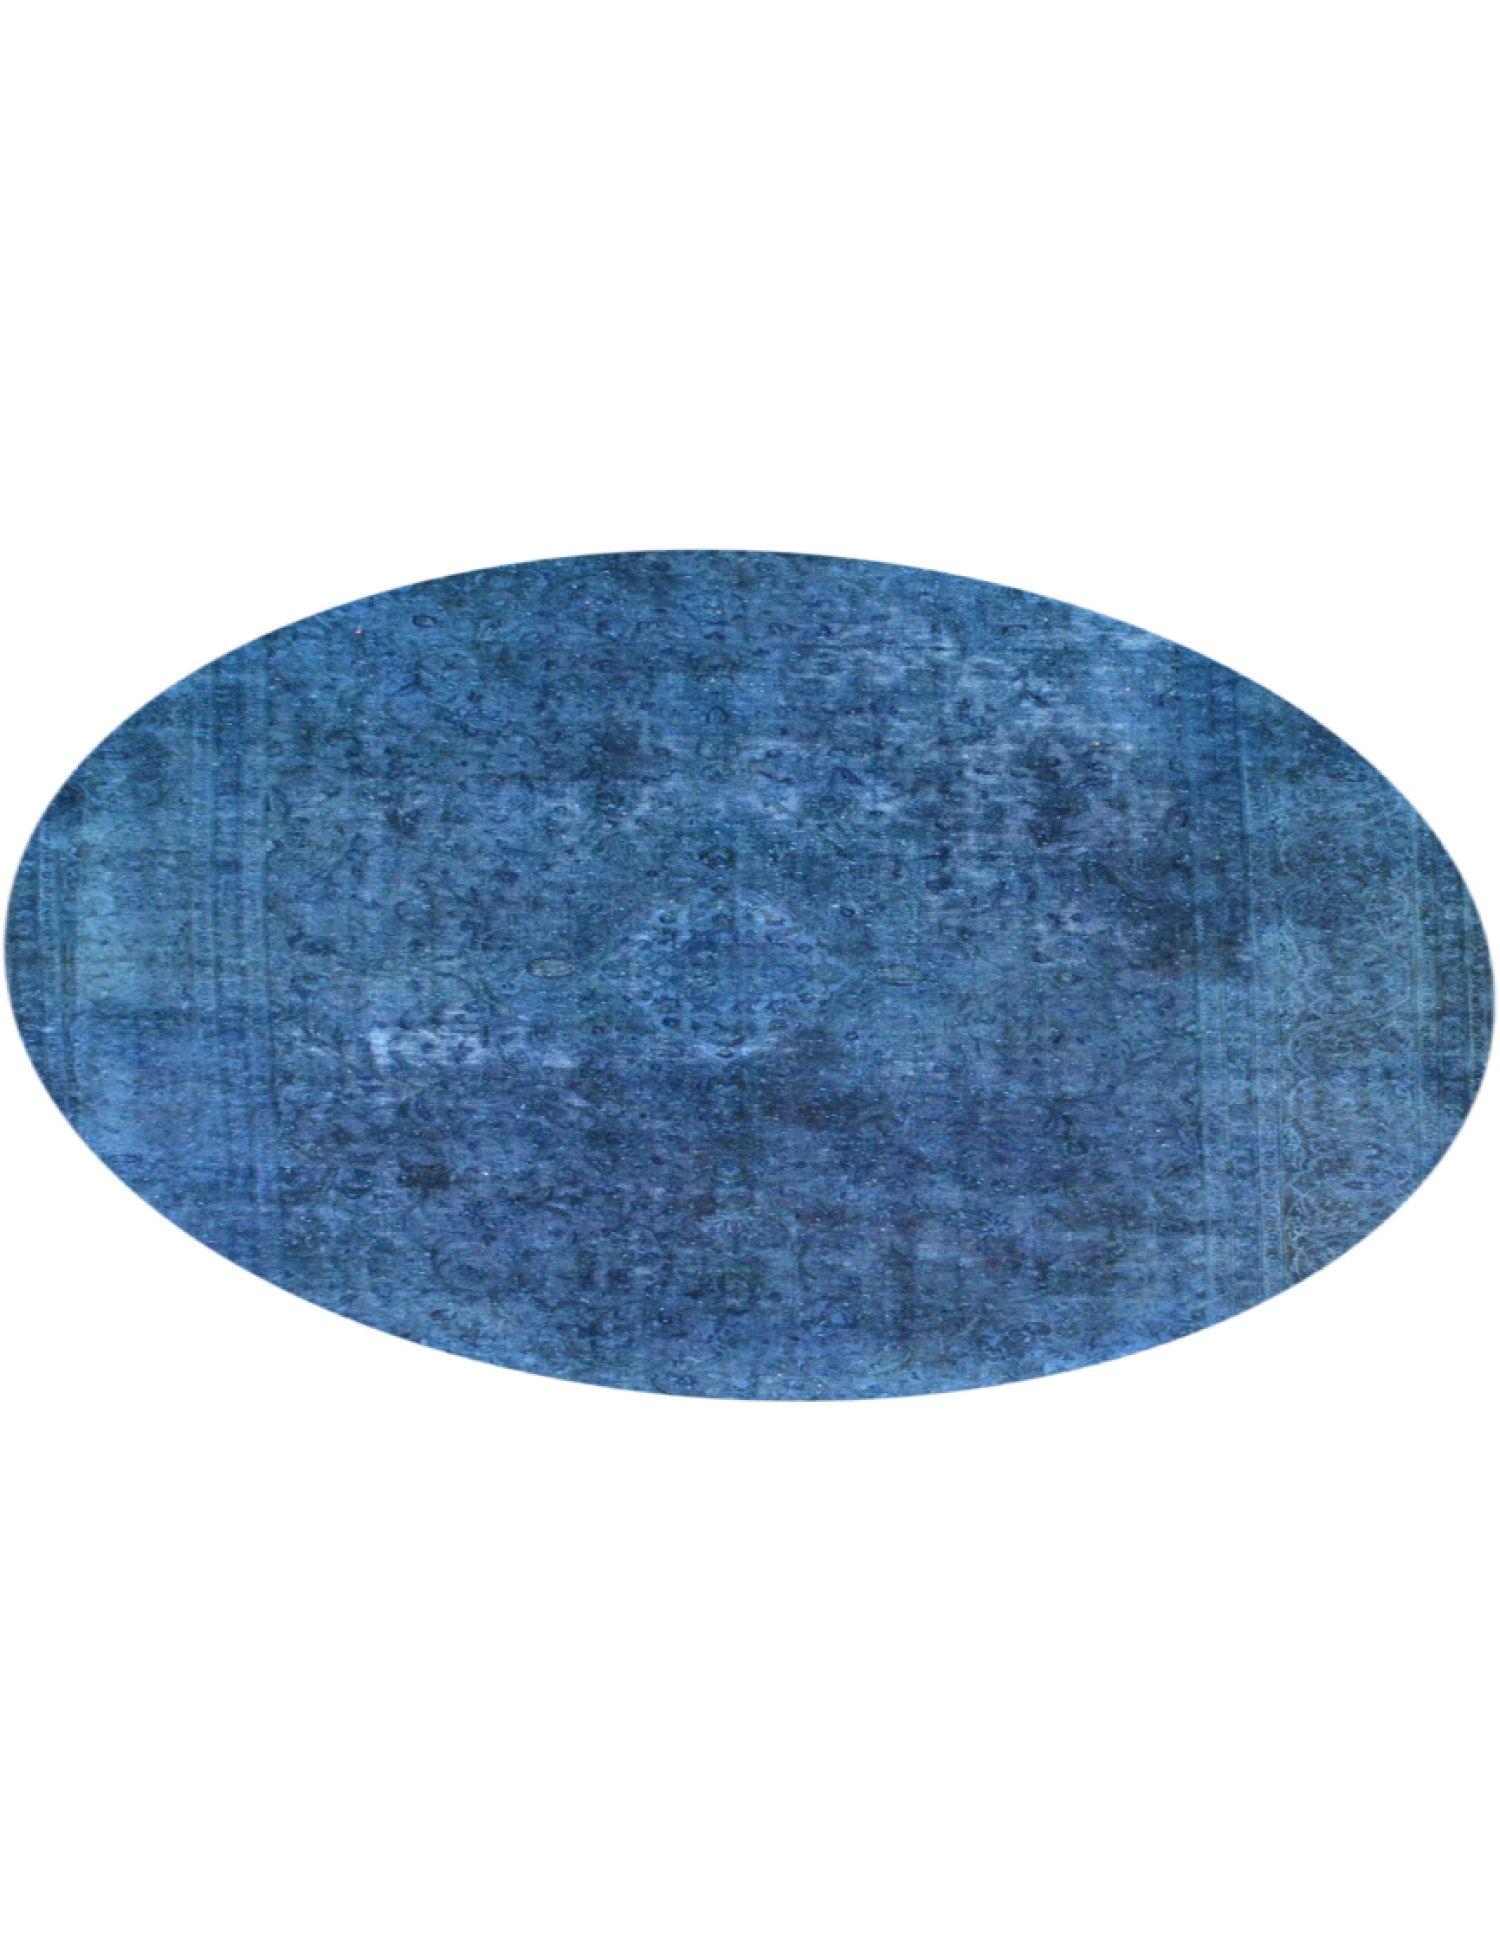 Vintage Teppich rund  blau <br/>296 x 296 cm